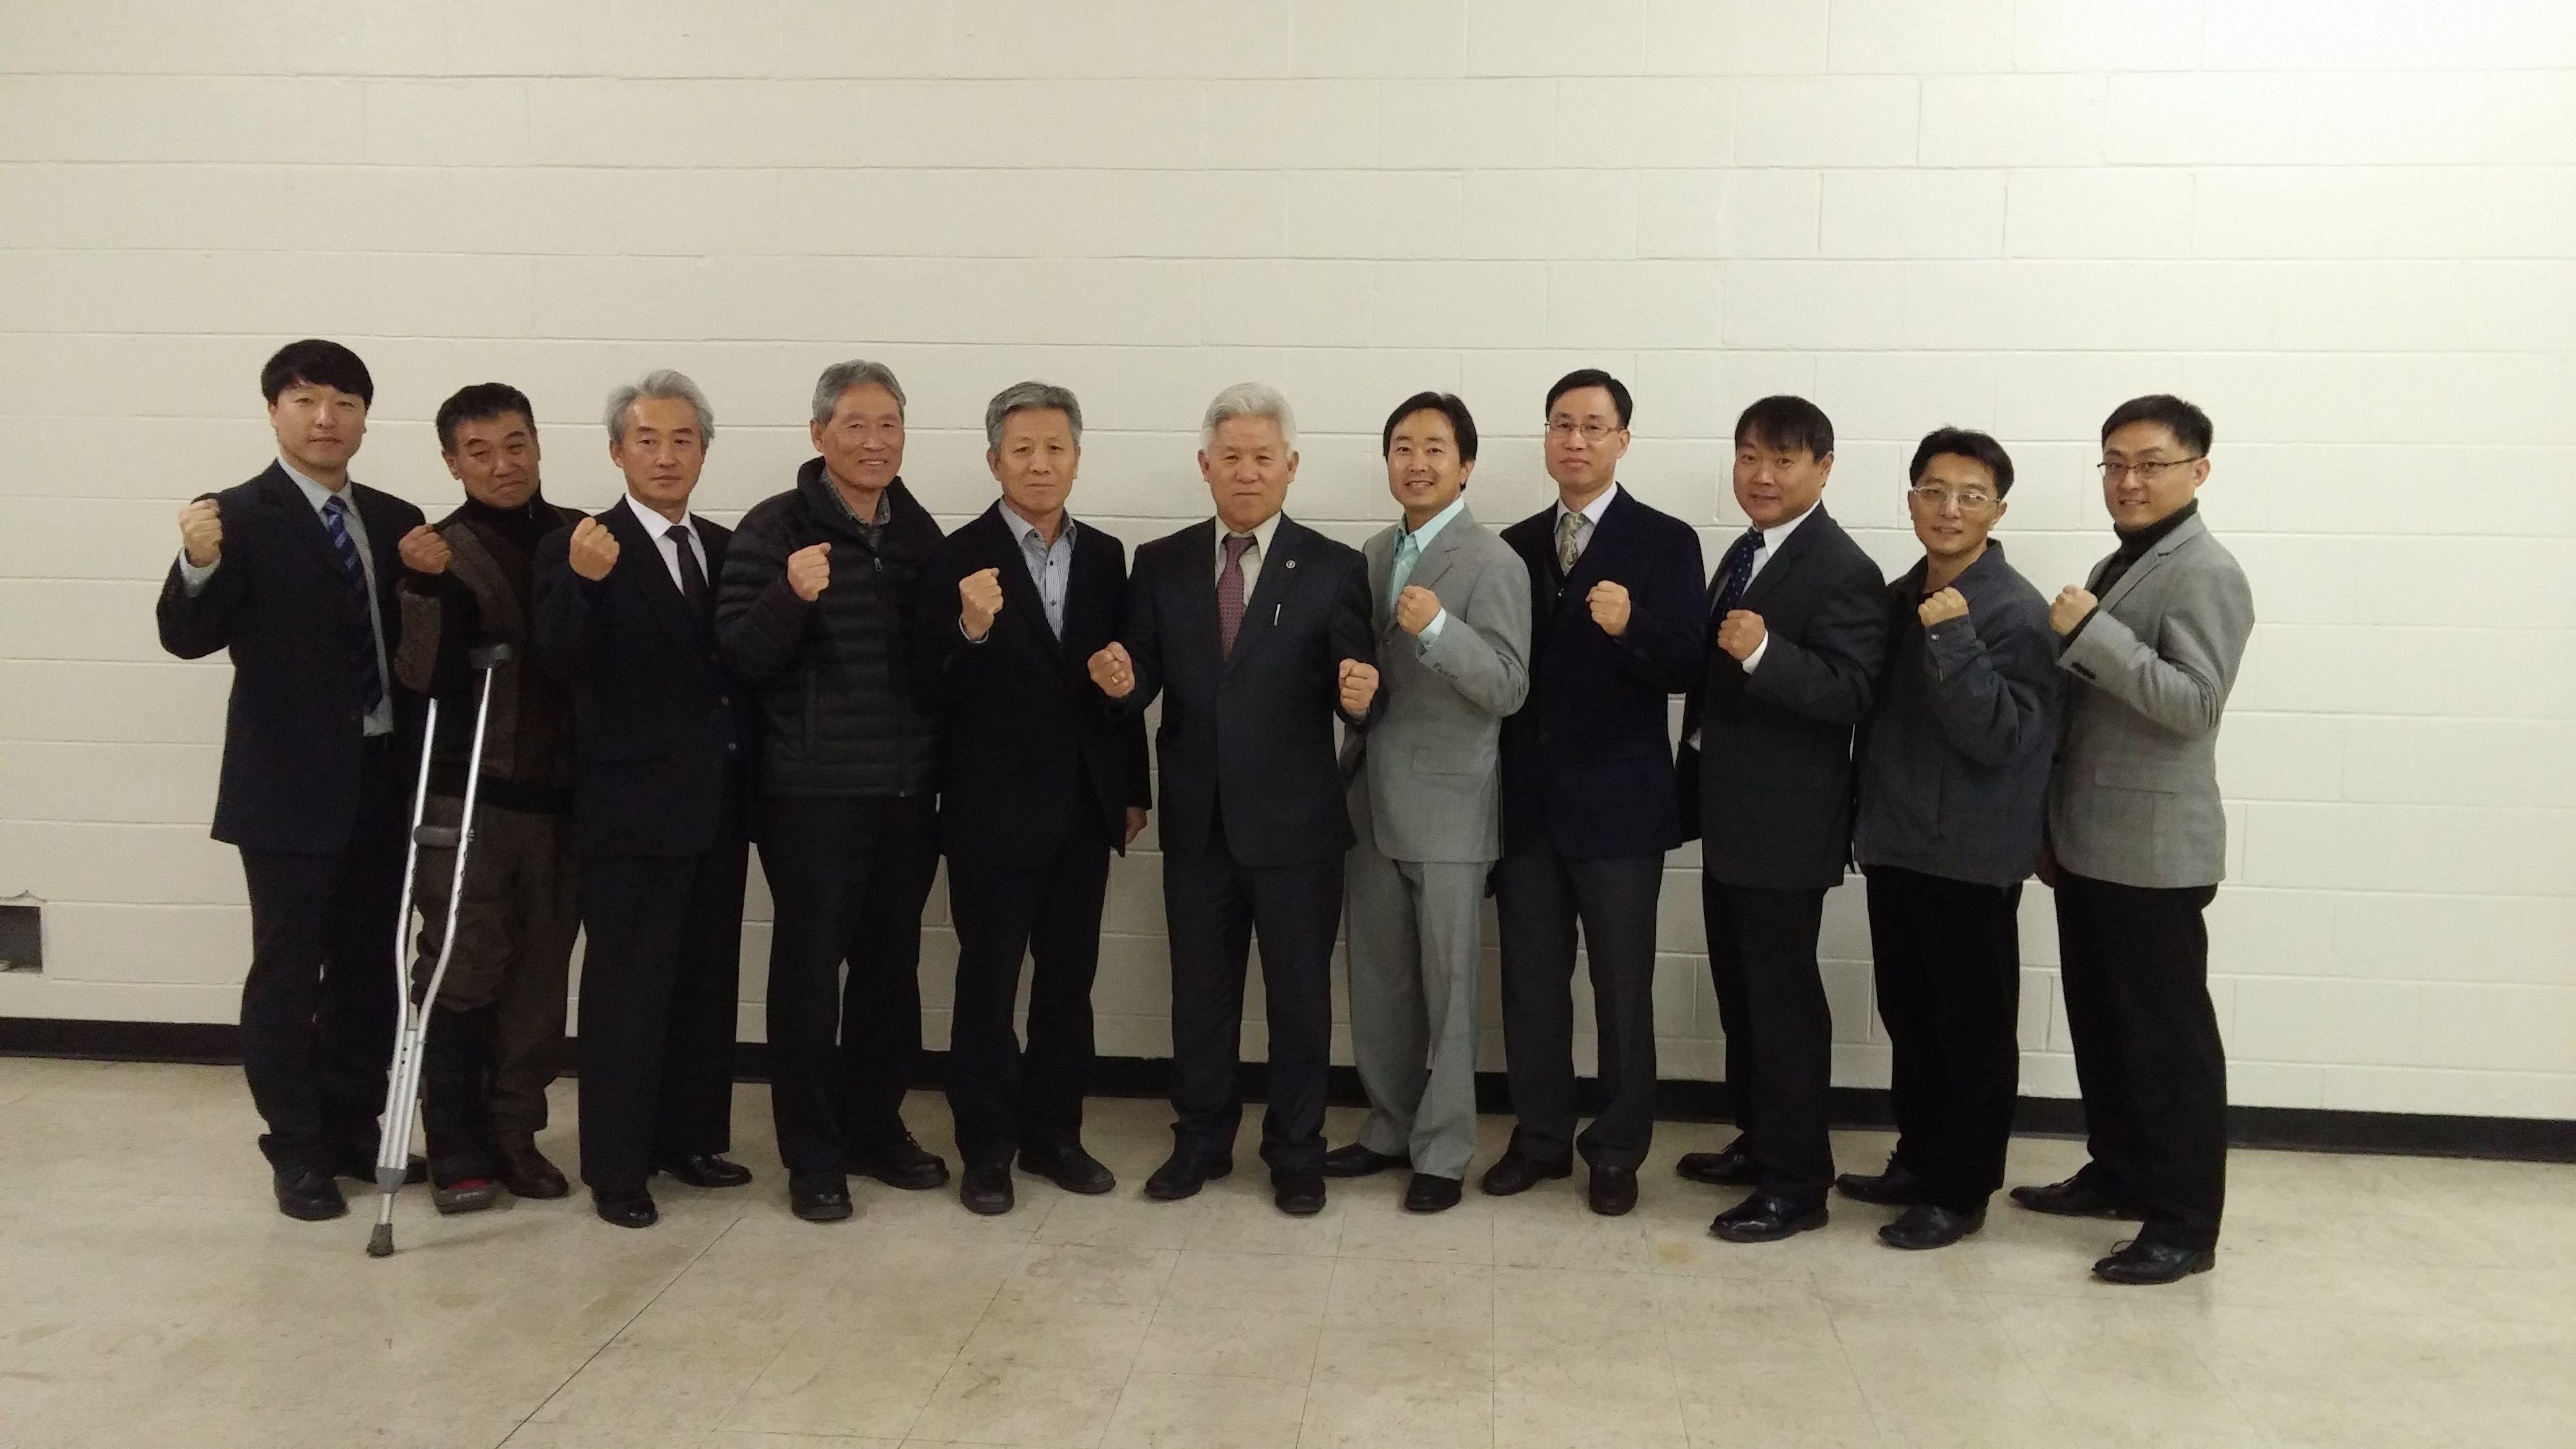 리노한인회 임원 및 이사 일부